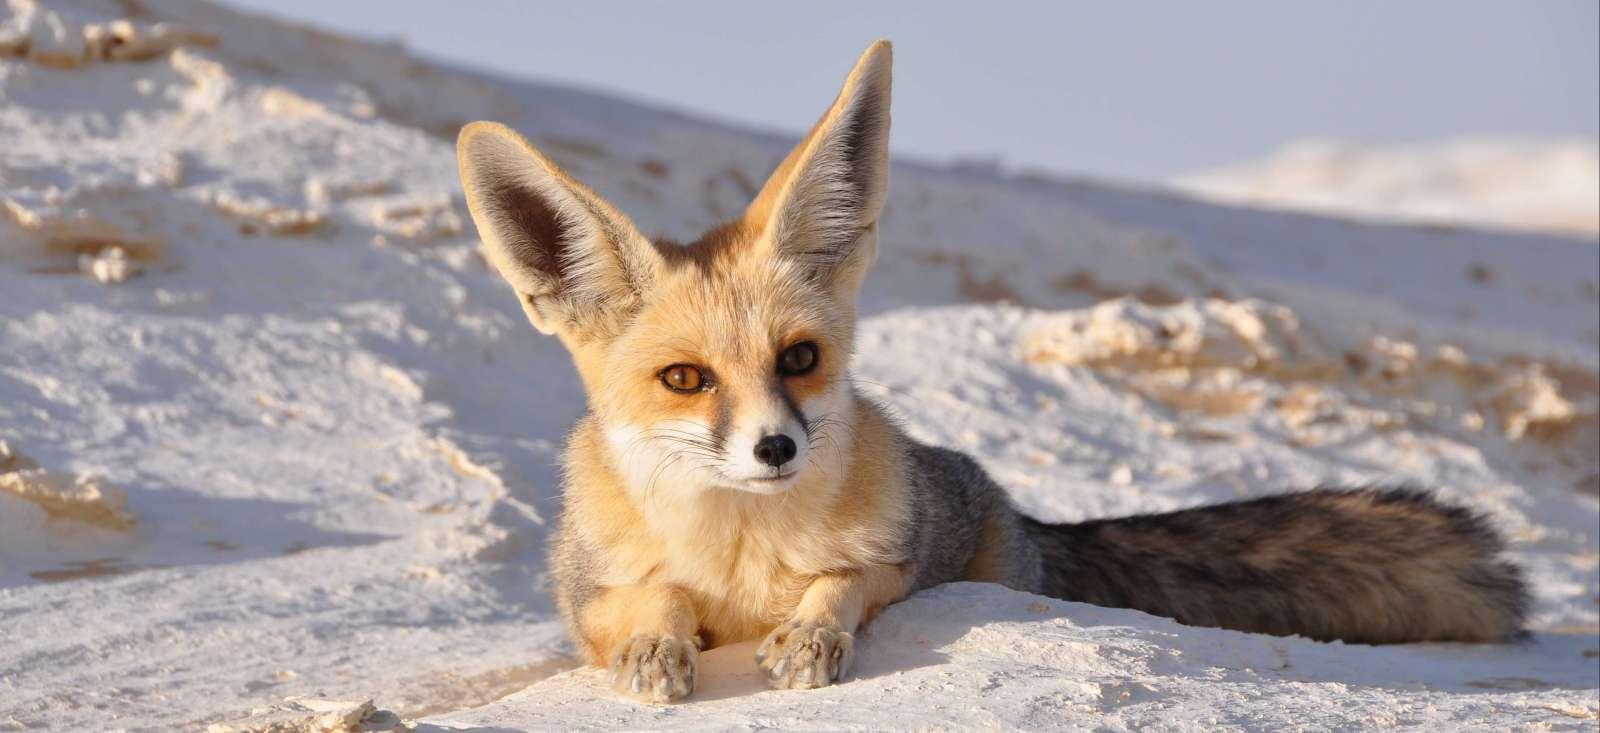 Voyage à pied Tunisie : Dessine moi un renard !